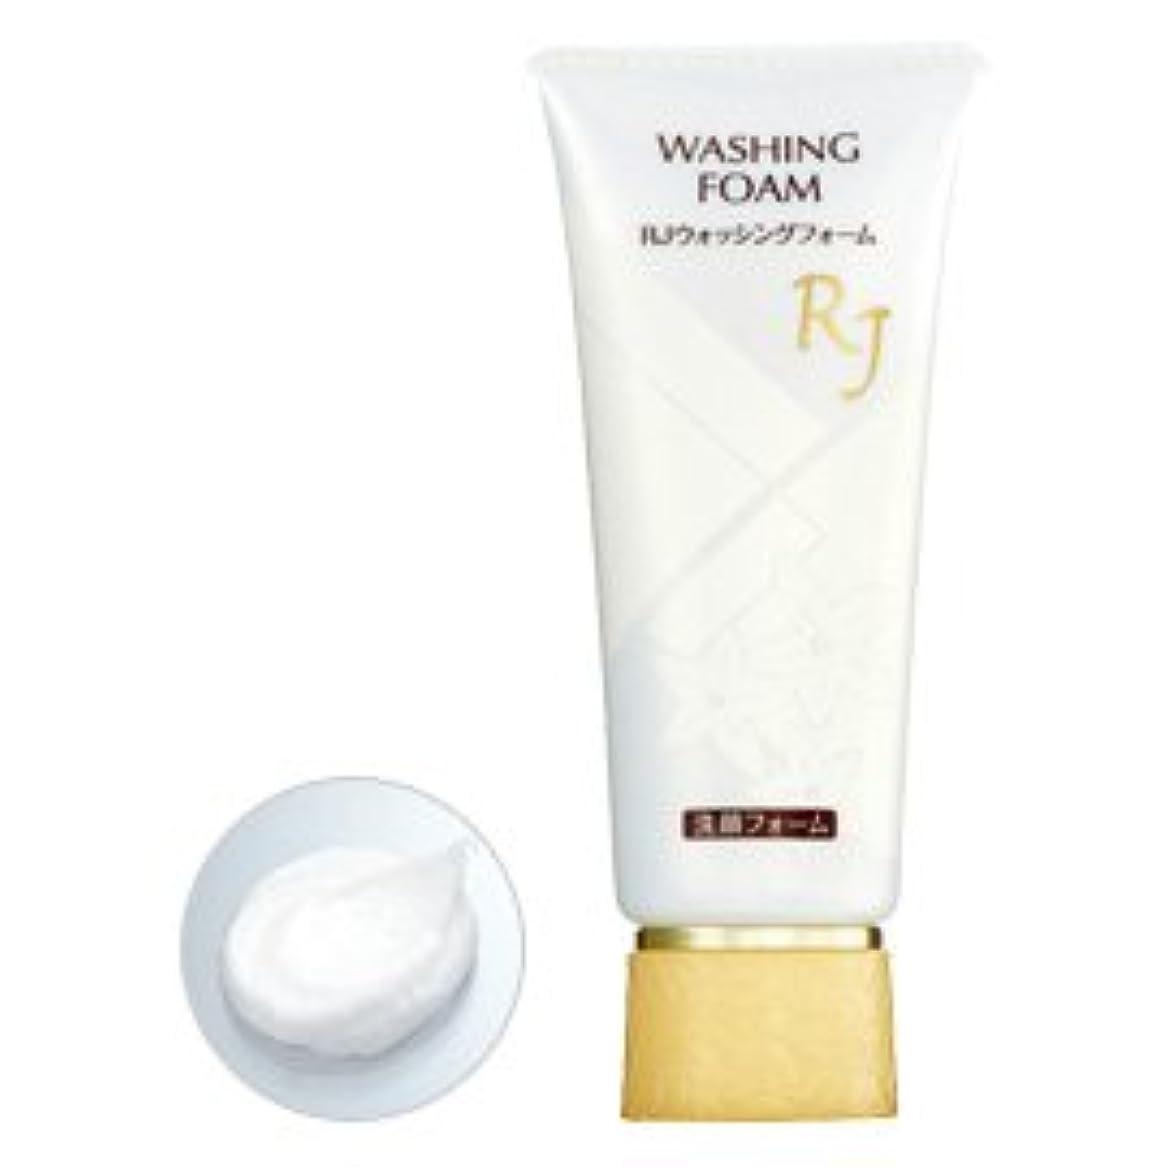 カバーペグ通行料金RJウォッシング(洗顔) フォーム 100g / RJ face wash <100g>